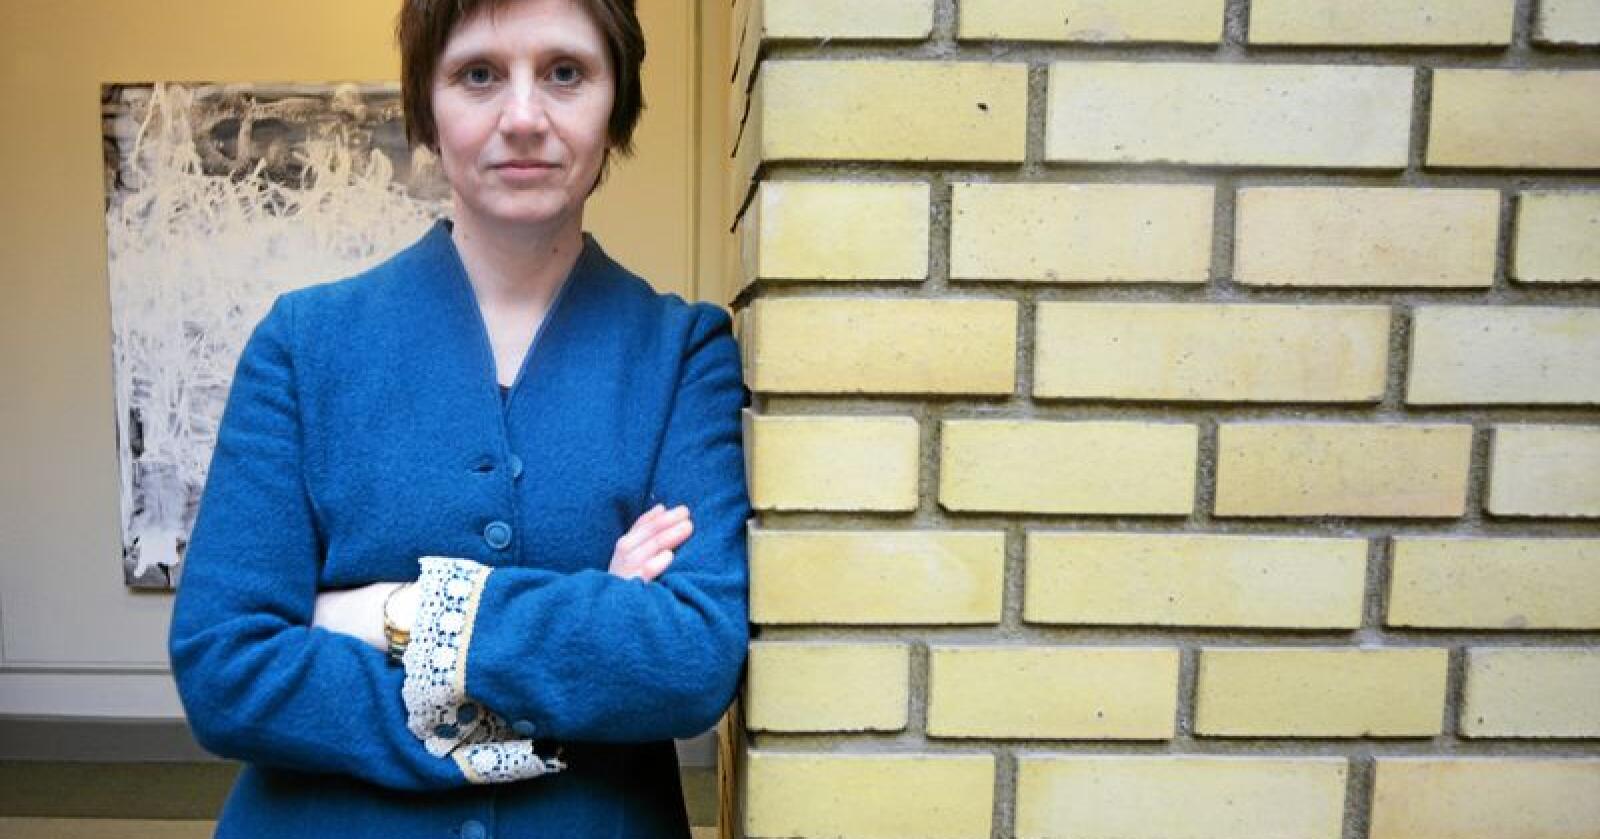 Sps Kjersti Toppe seier det er heilt utelukka at partiet vil støtte ein reform som avkriminaliserer mindre mengder rusmiddel. Foto: Siri Juell Rasmussen